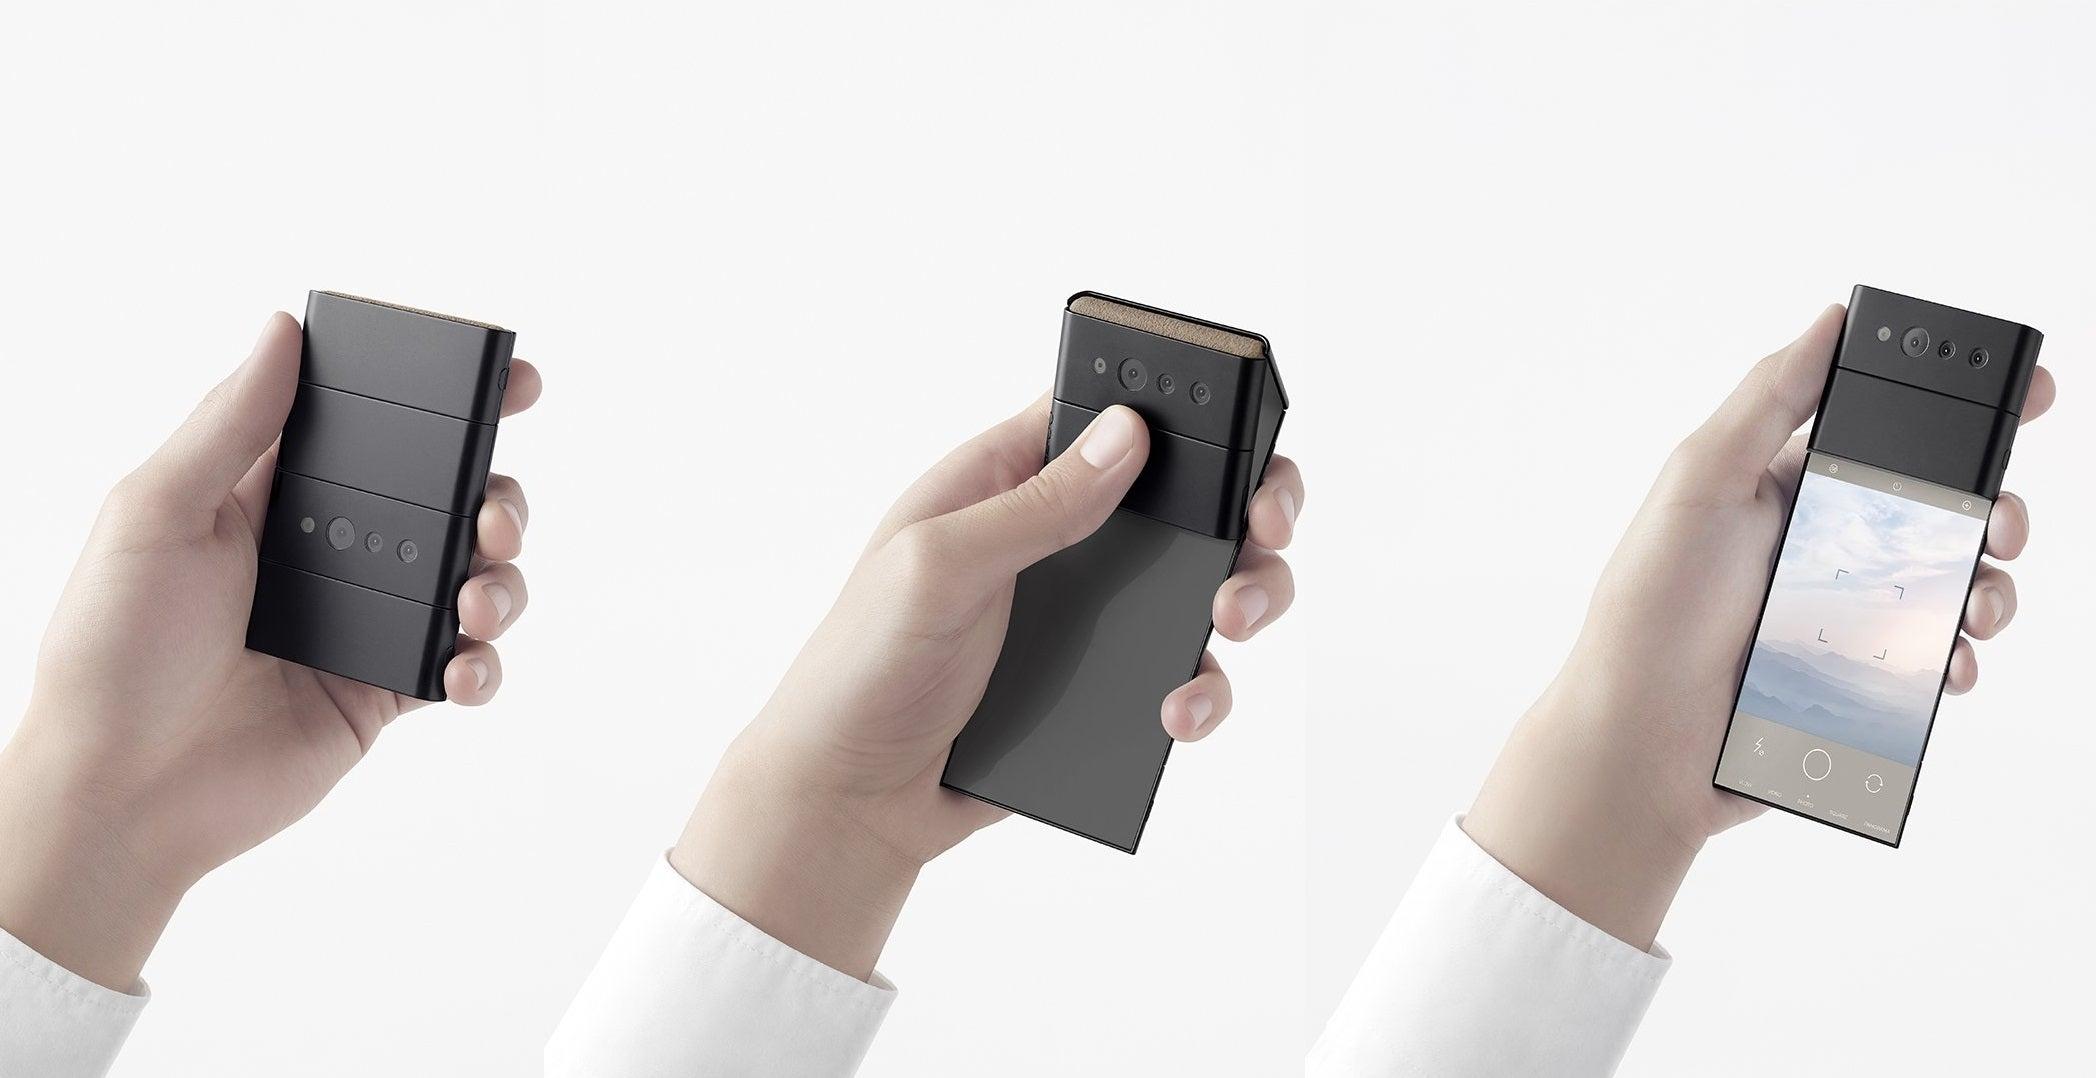 Falt-Handy von Oppo